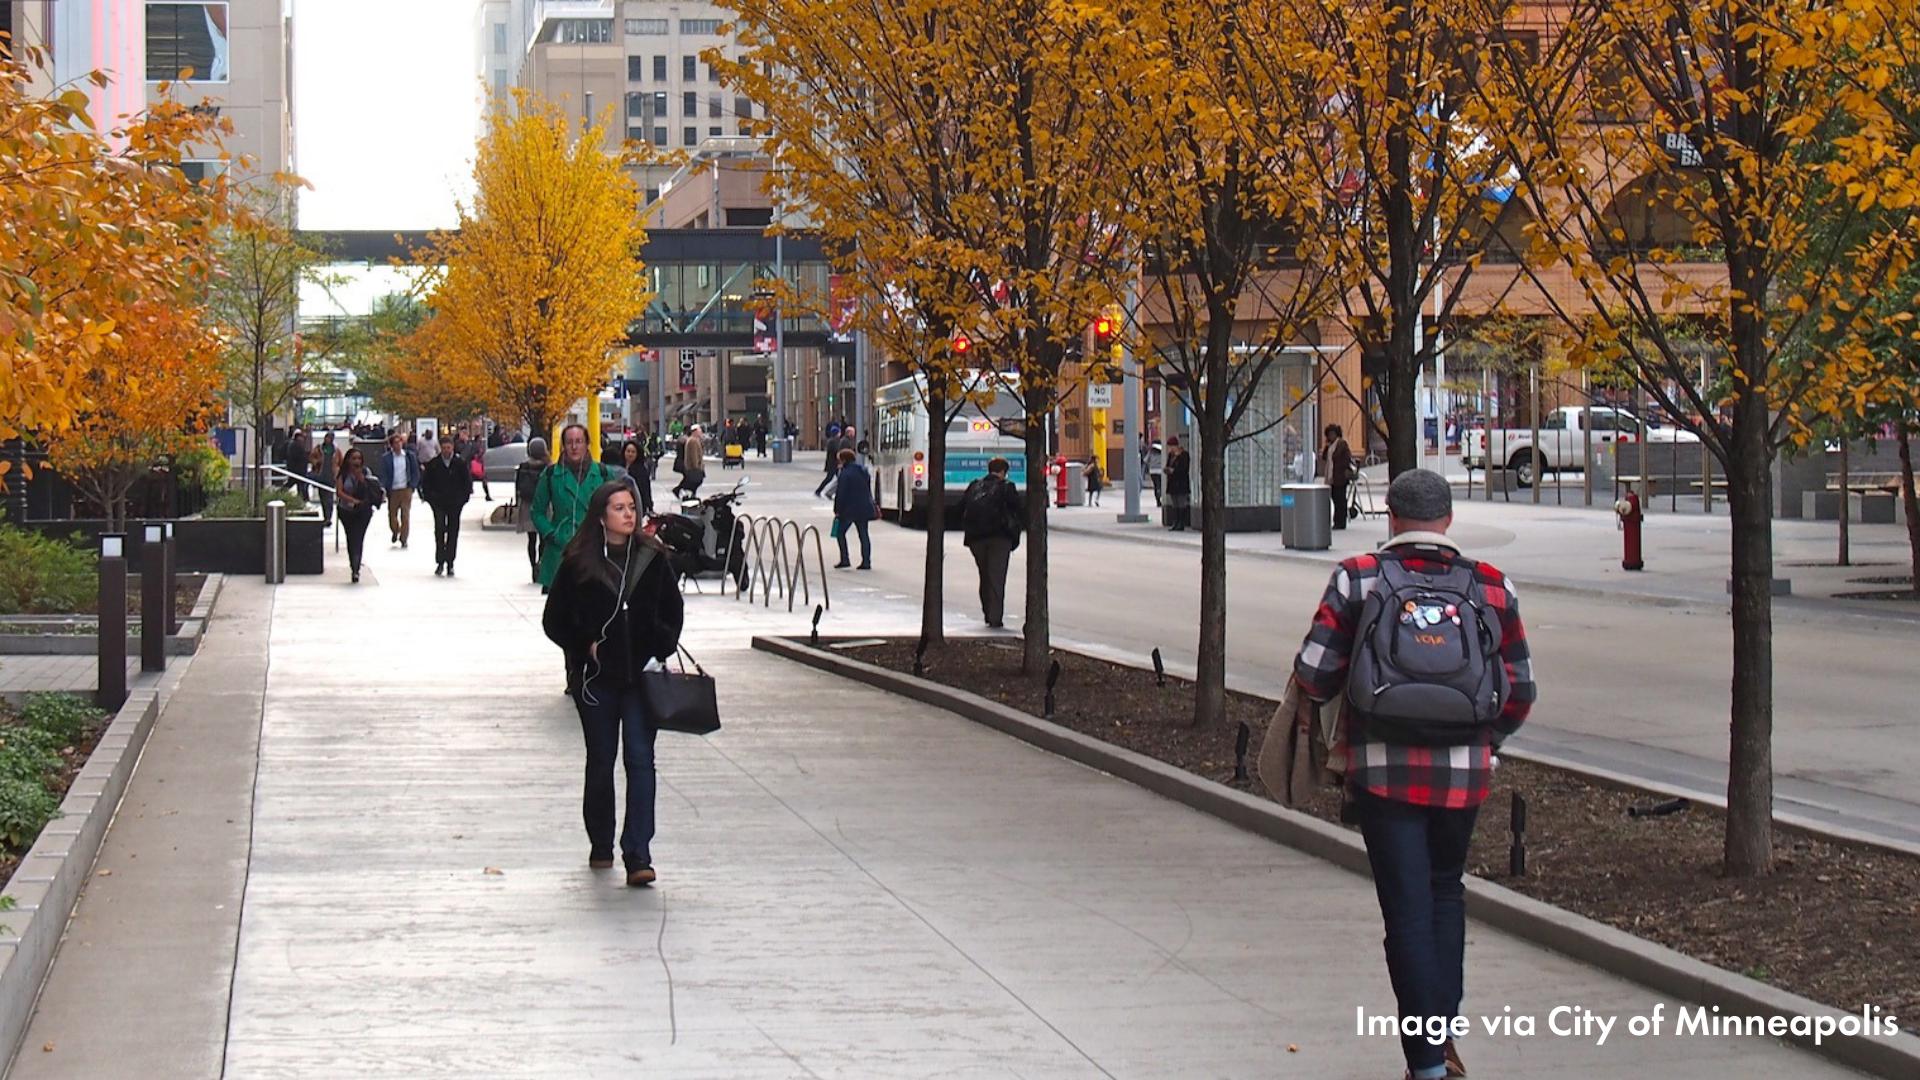 People walking on a wide sidewalk in downtown Minneapolis